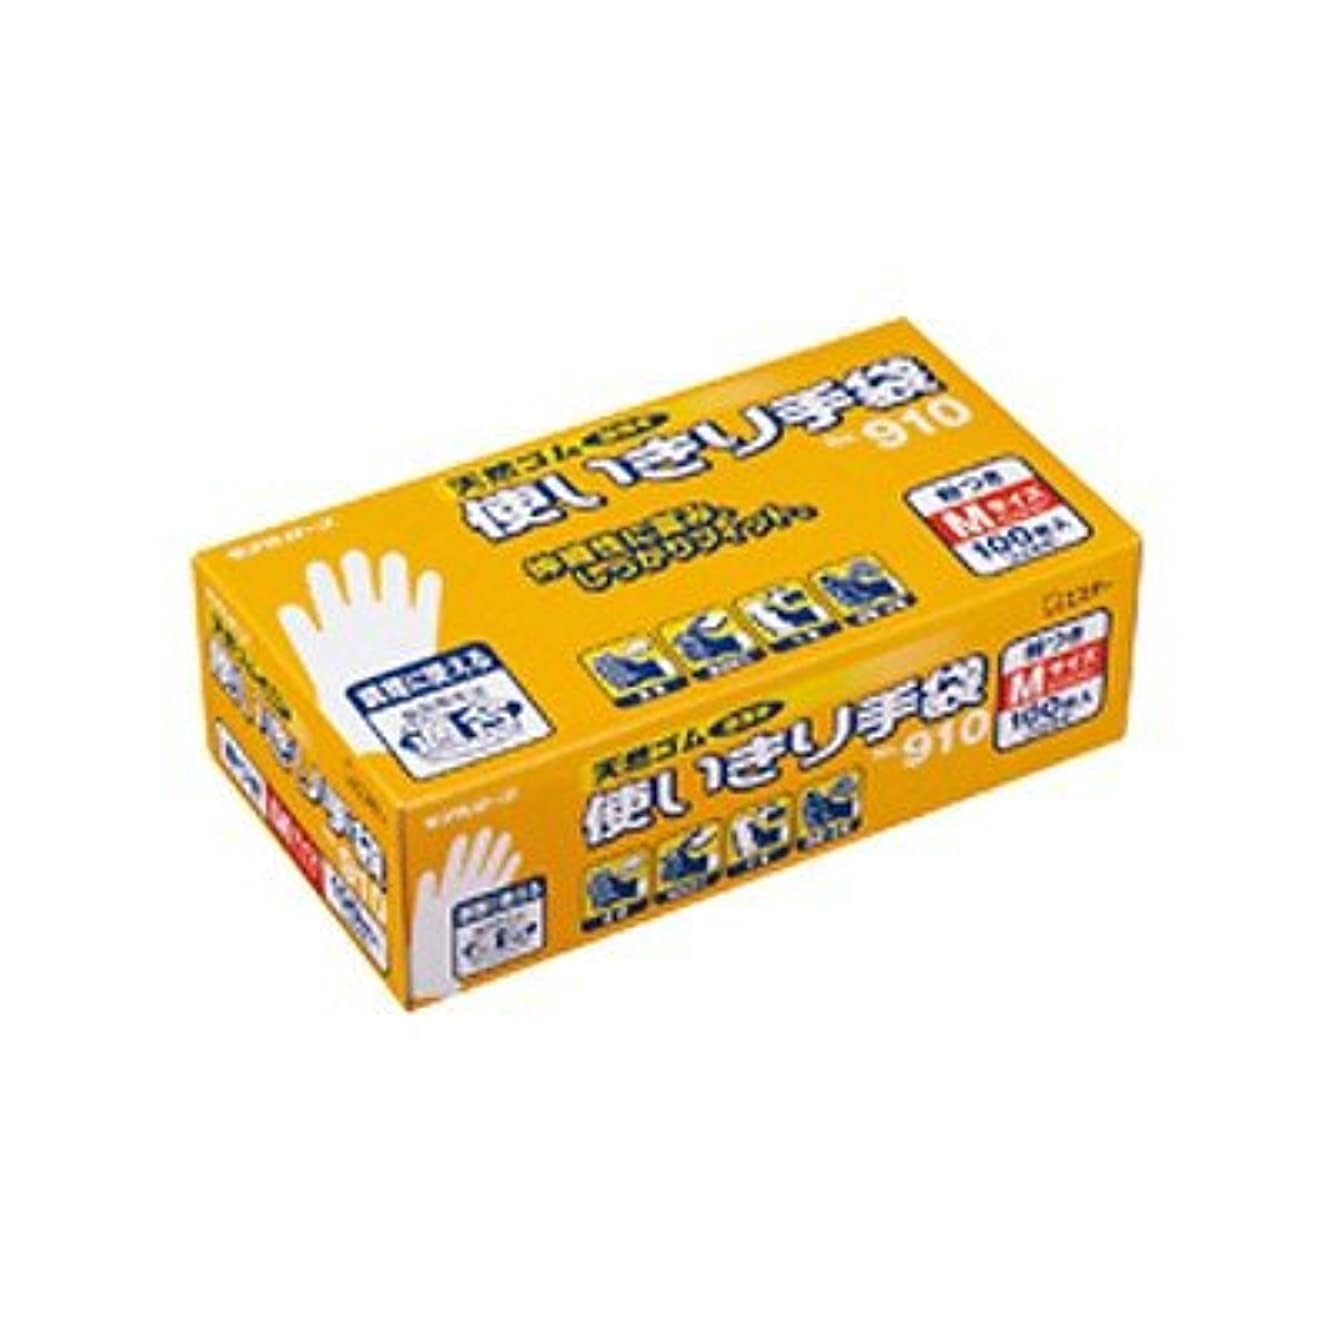 滞在食べるアルネ天然ゴム使いきり手袋(粉付き)No910 M 全長240mm 100枚 品番:741991 注文番号:54683600 メーカー:エステー